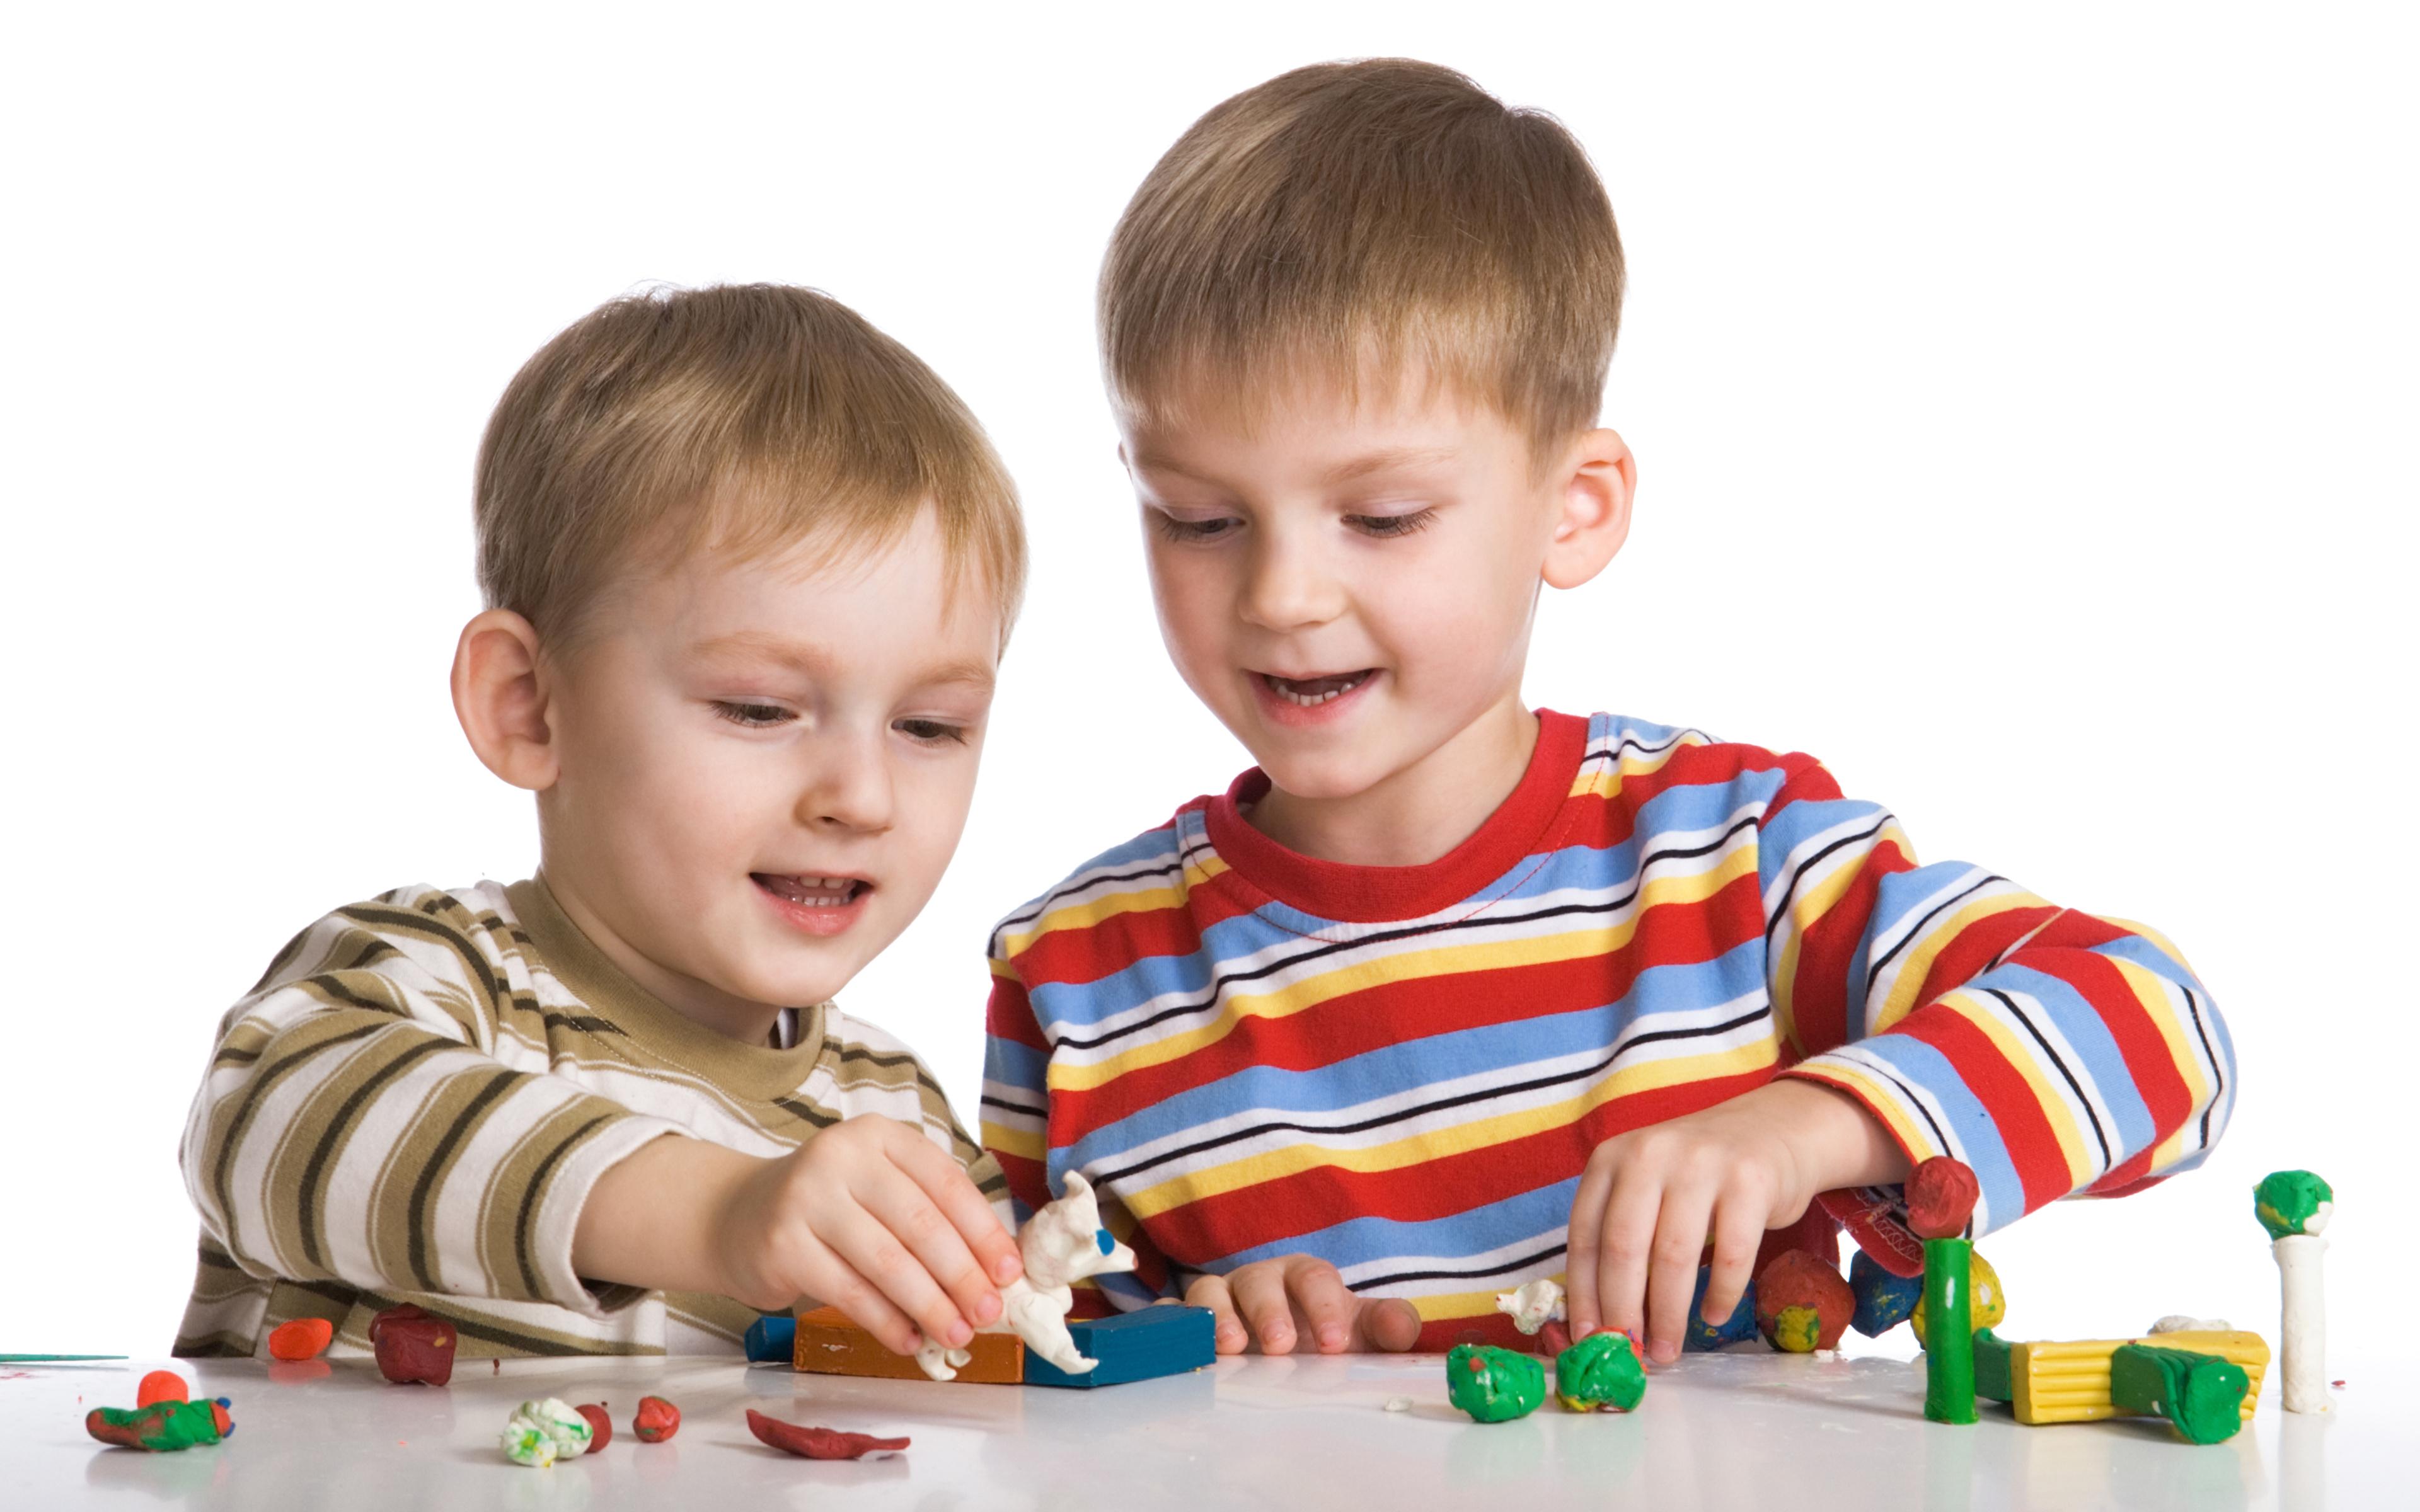 Hintergrundbilder Kinder Junge Spielt Zwei Hand Spielzeuge 3840x2400 kind jungen spielen 2